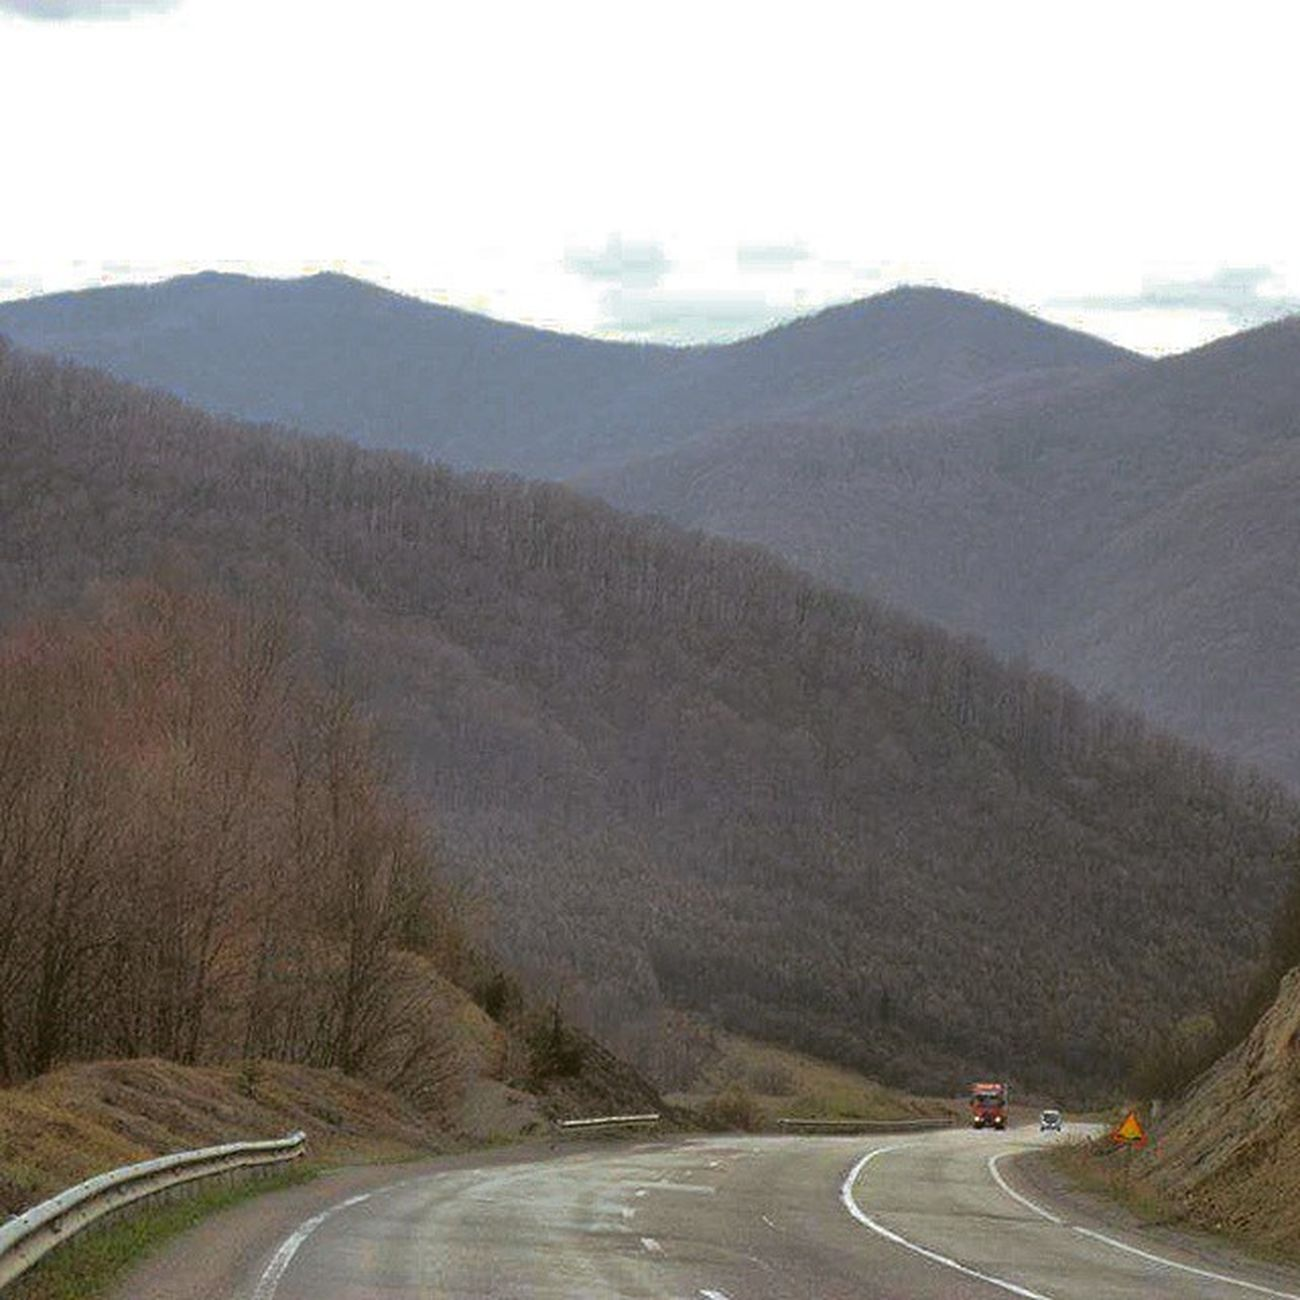 закарпаття карпати Дорога карпатськідороги